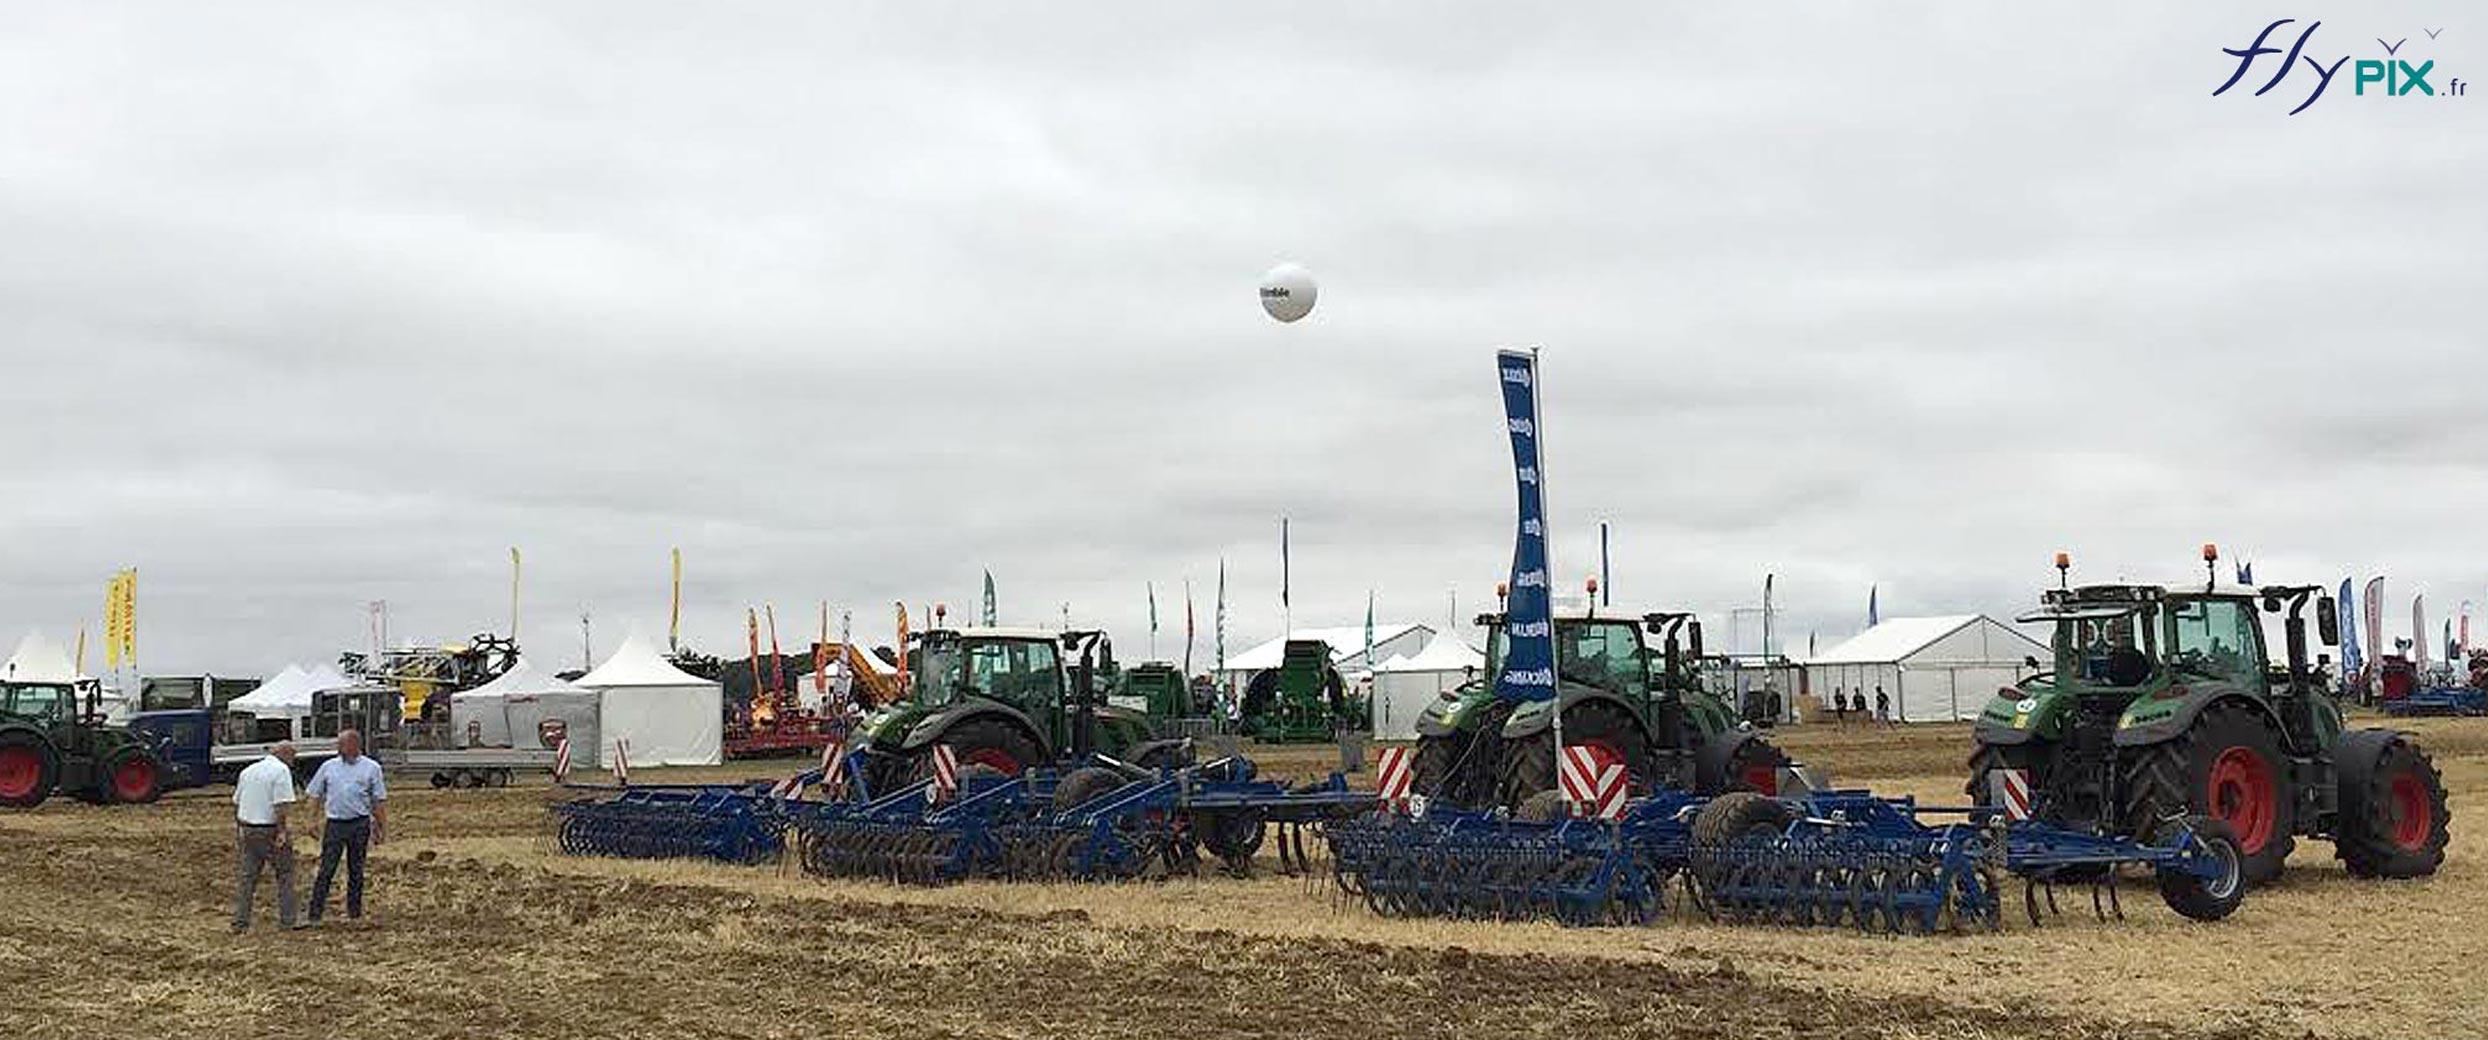 Un ballon personnalisé gonflé à l'hélium survole un stand d'exposition de matériel agricole.